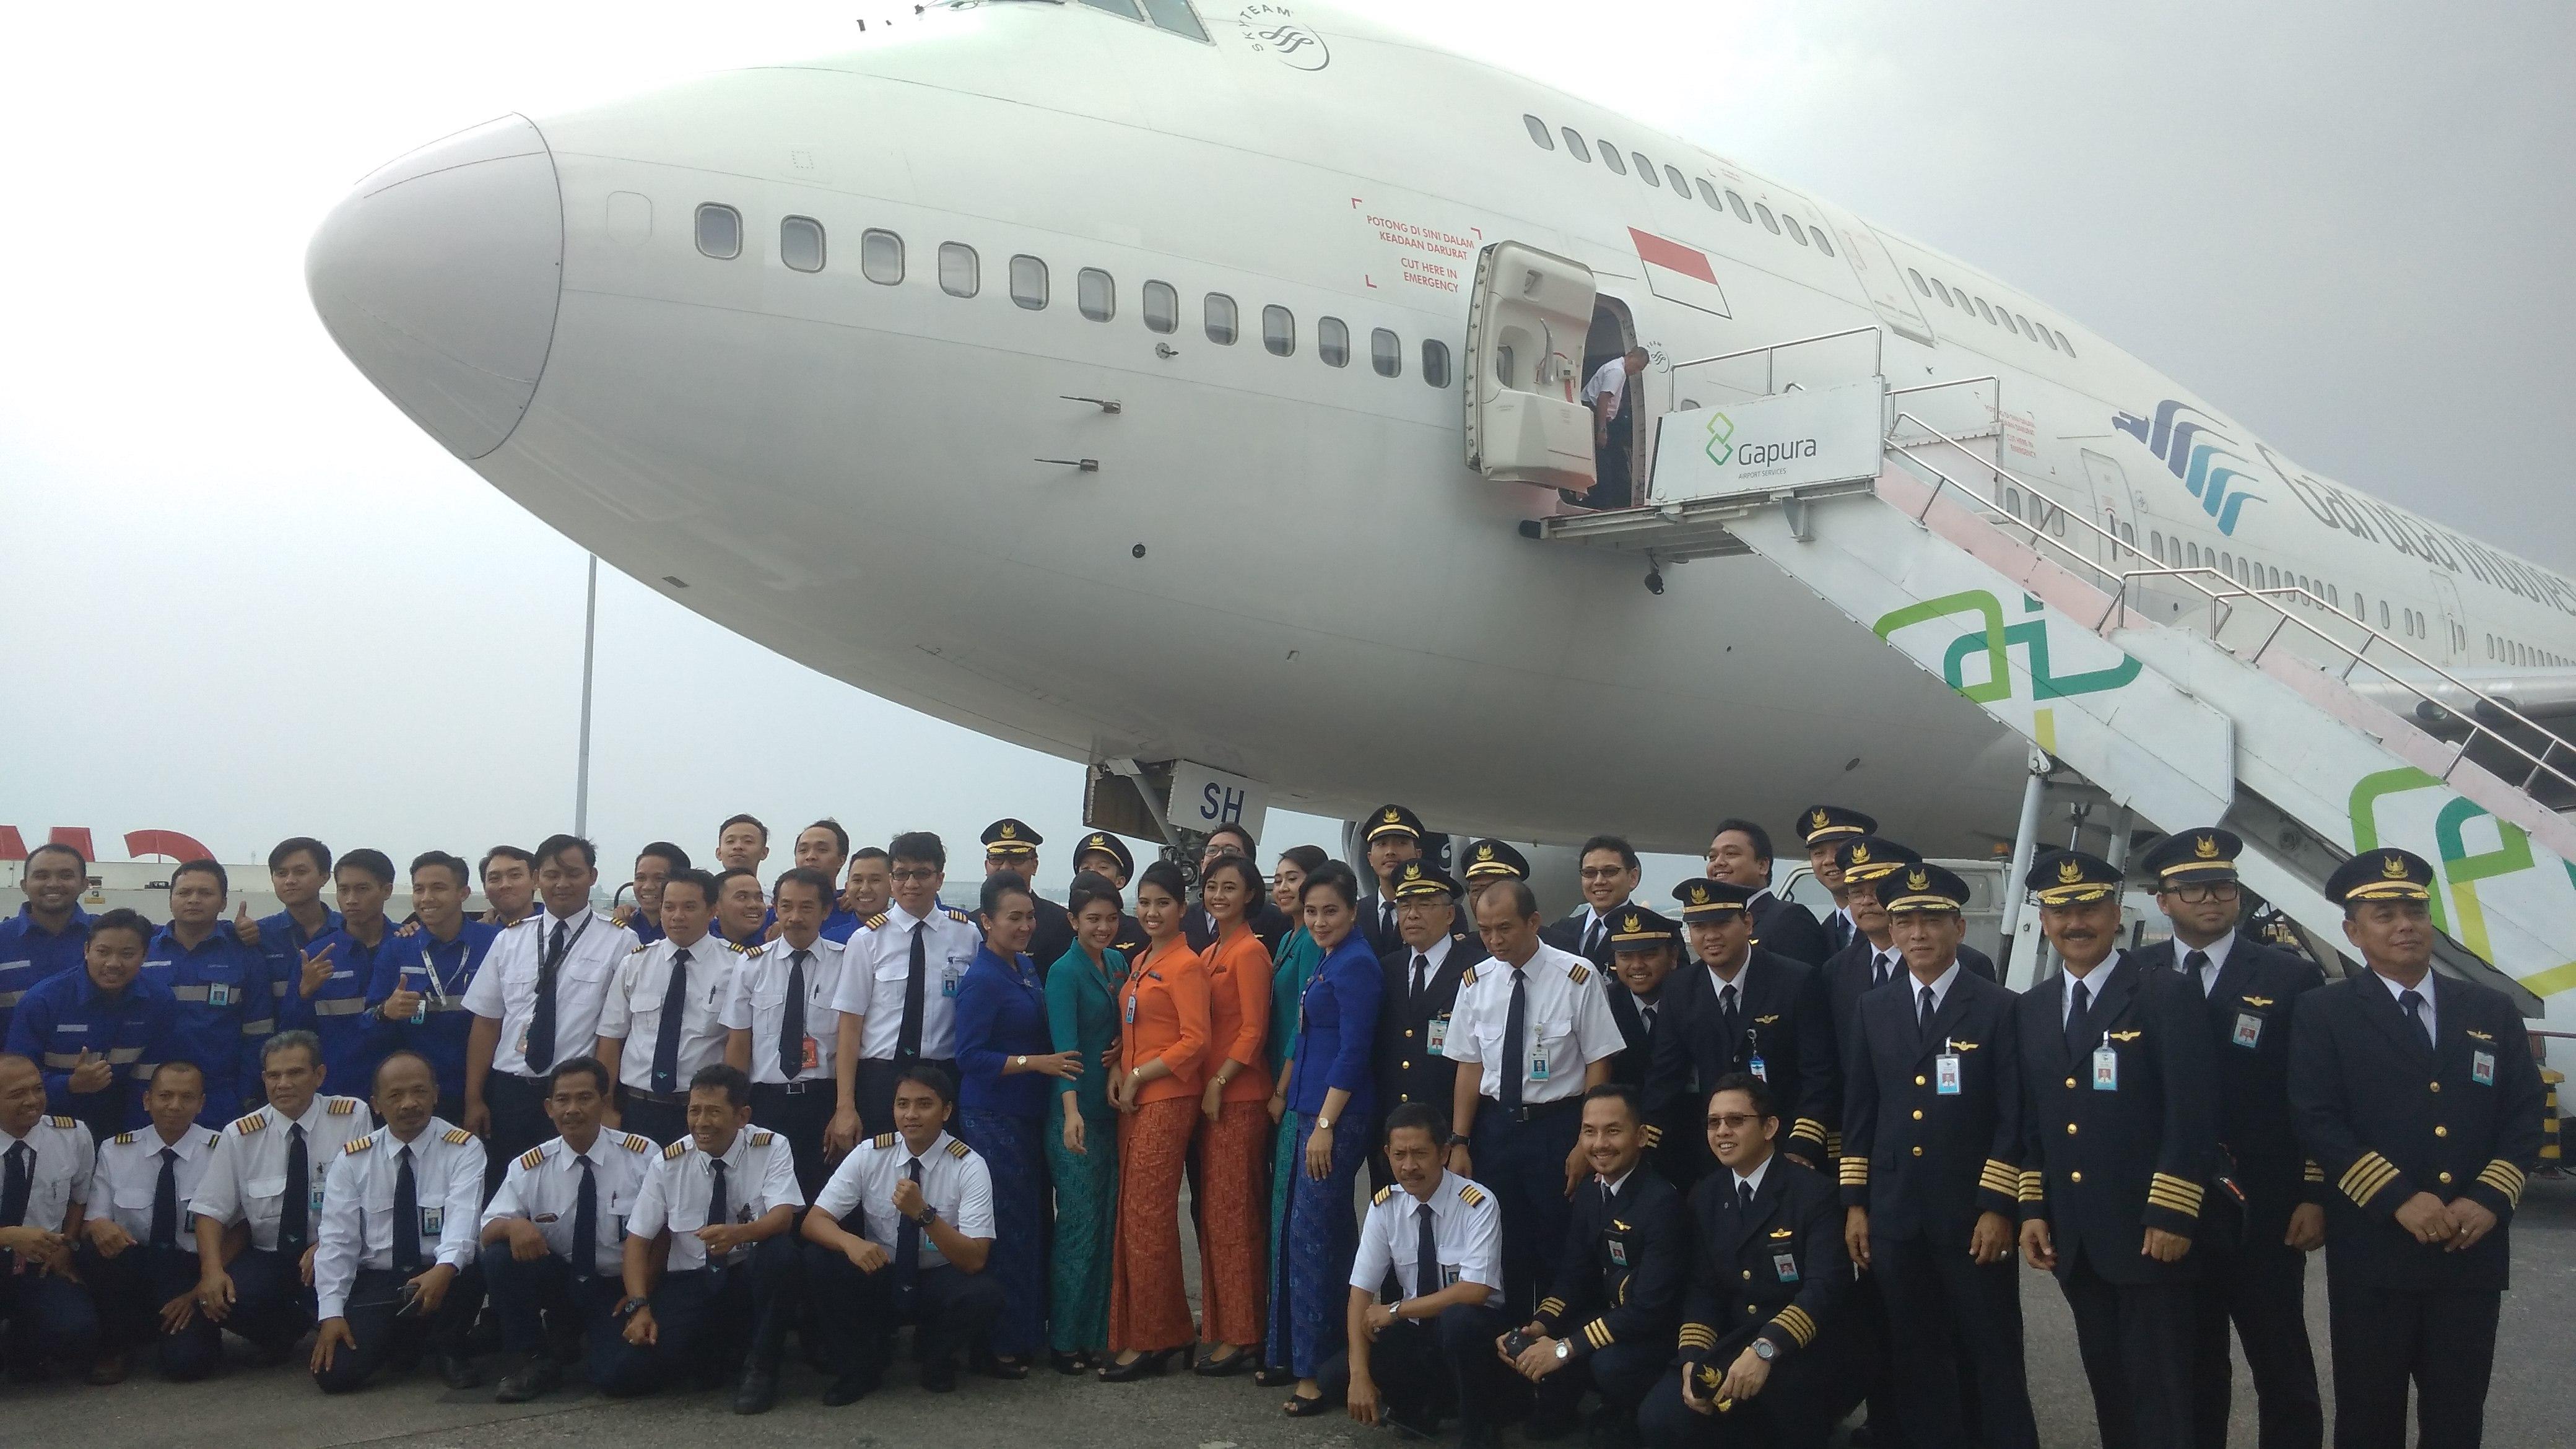 Garuda Indonesia Pensiunkan Pesawat Boeing 747-400 Terakhirnya